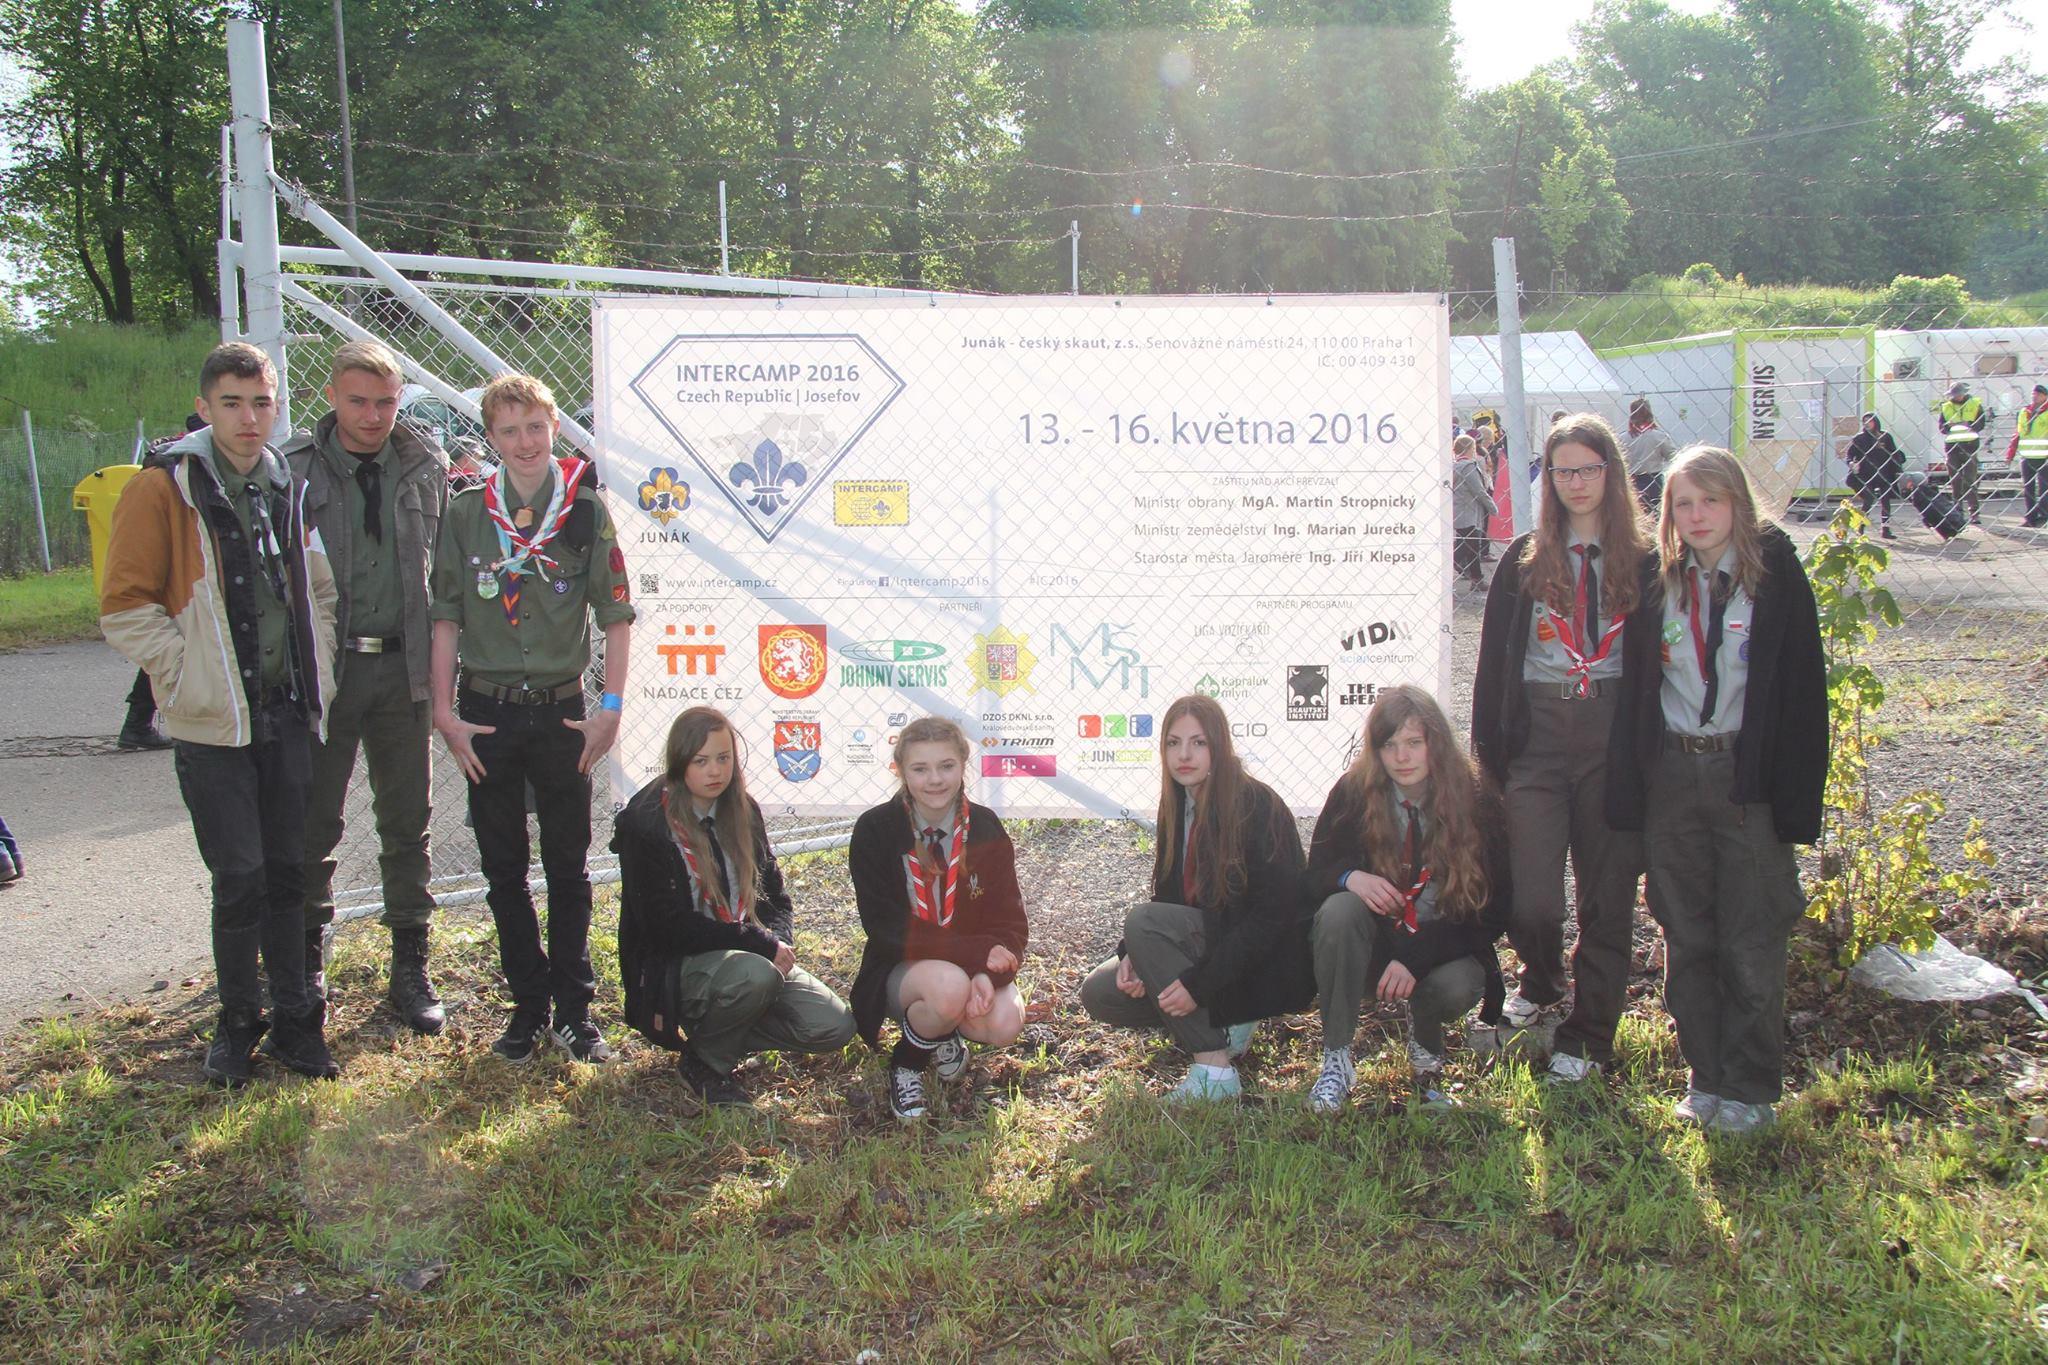 Dziesięcioosobowy partol z Hufca na Międzynarodowym Zlocie Skautów InterCamp